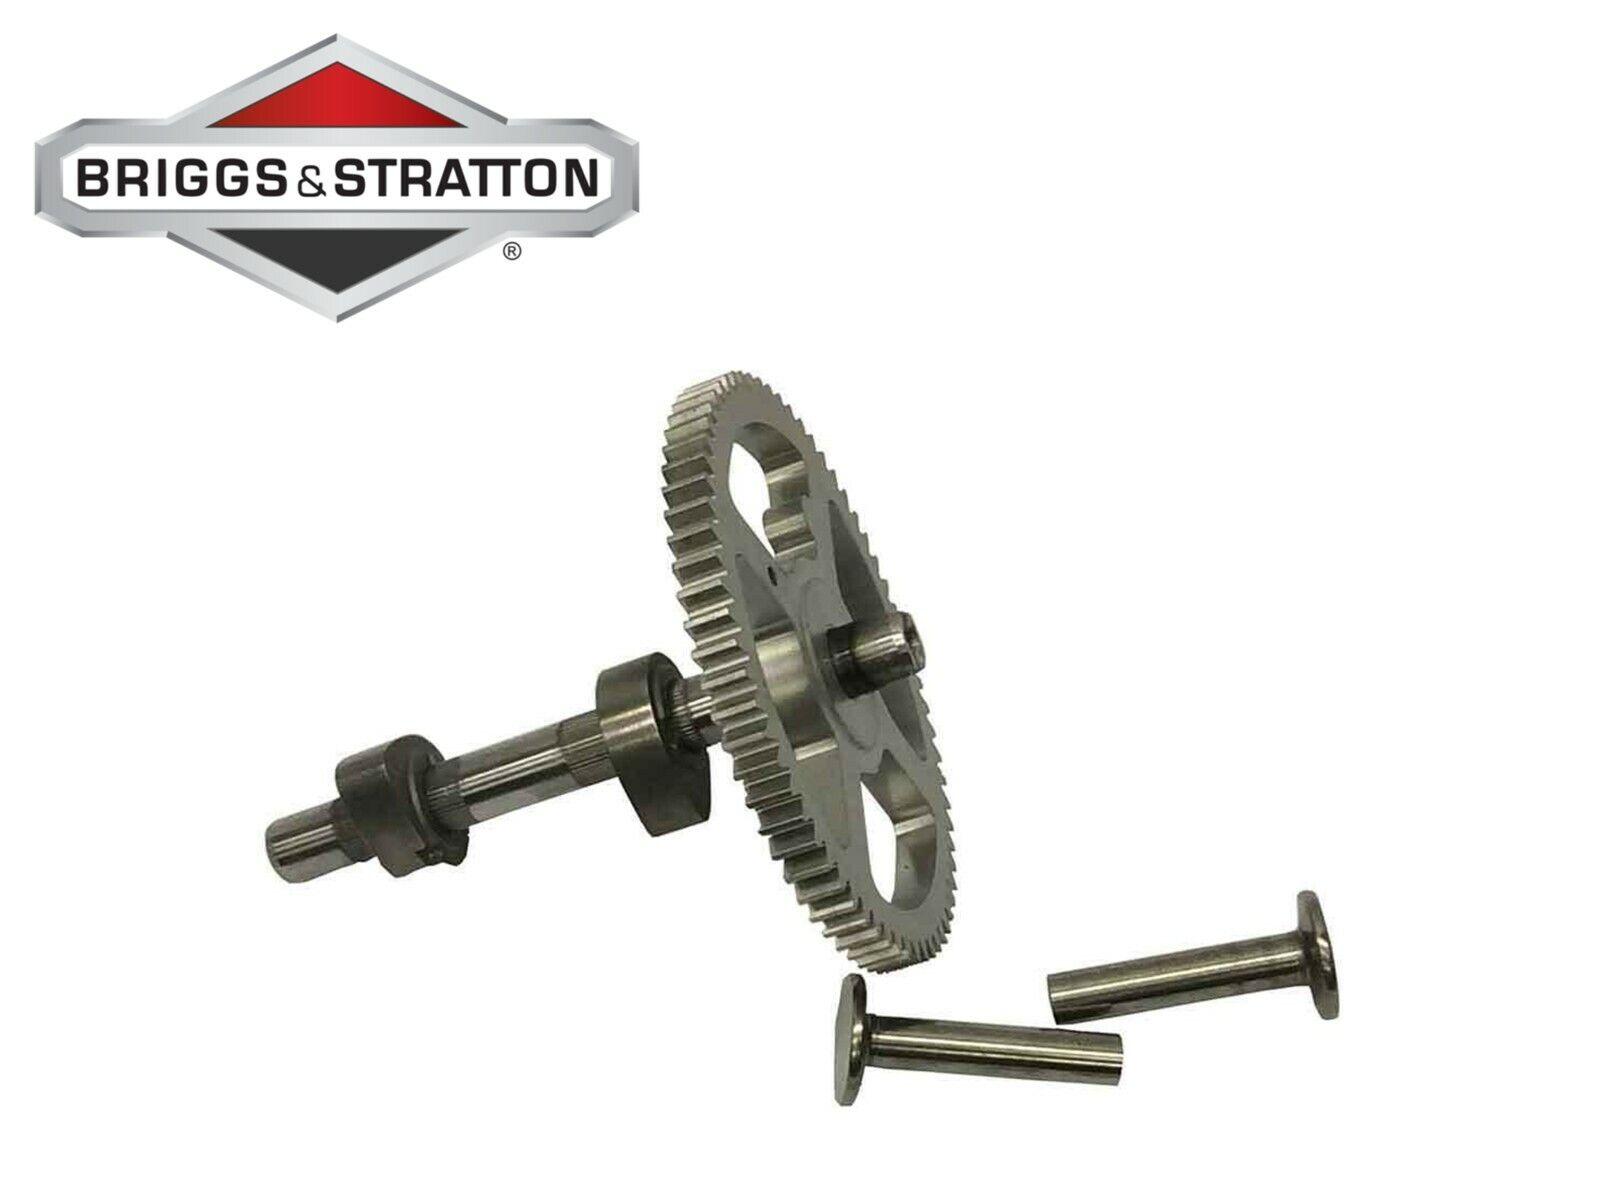 BESPORTBLE Kit Darbre /à Cames Compatible pour Briggs Stratton 793880 793583 792681 791942 795102 697110